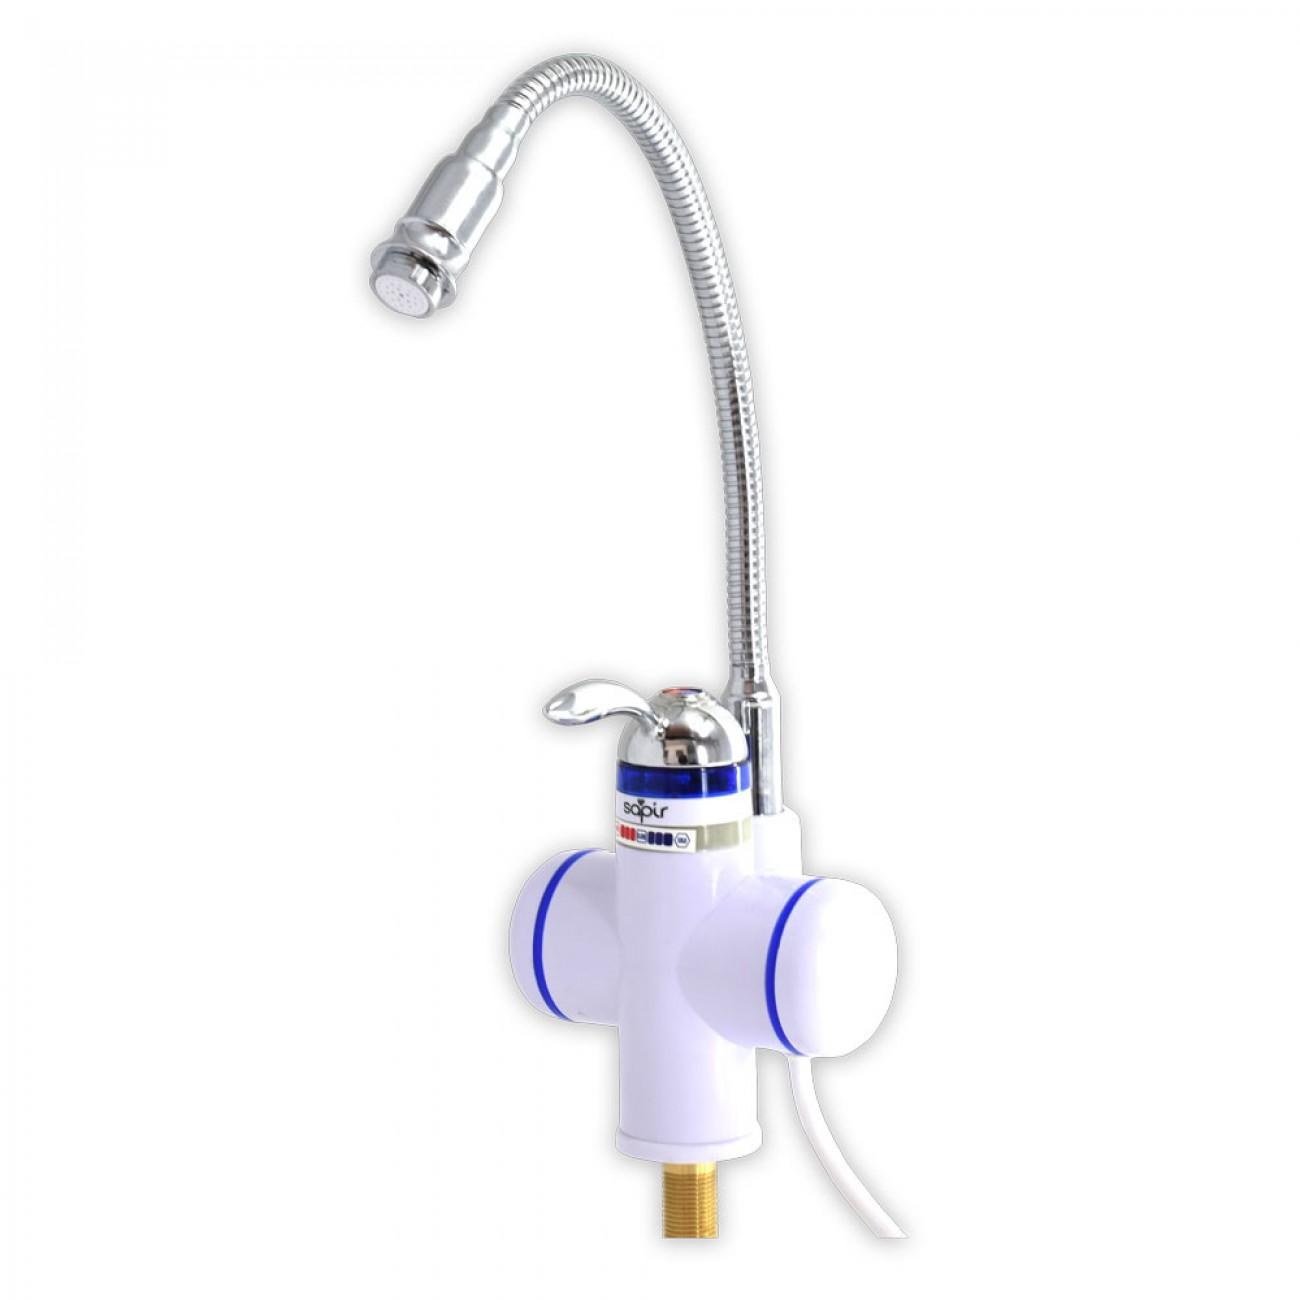 Нагревател за вода с подвижен чучур SAPIR SP 7100 DEF, 3000 W, До 55° топла вода, Монтаж на плот в Нагреватели за вода - Бойлери - SAPIR | Alleop